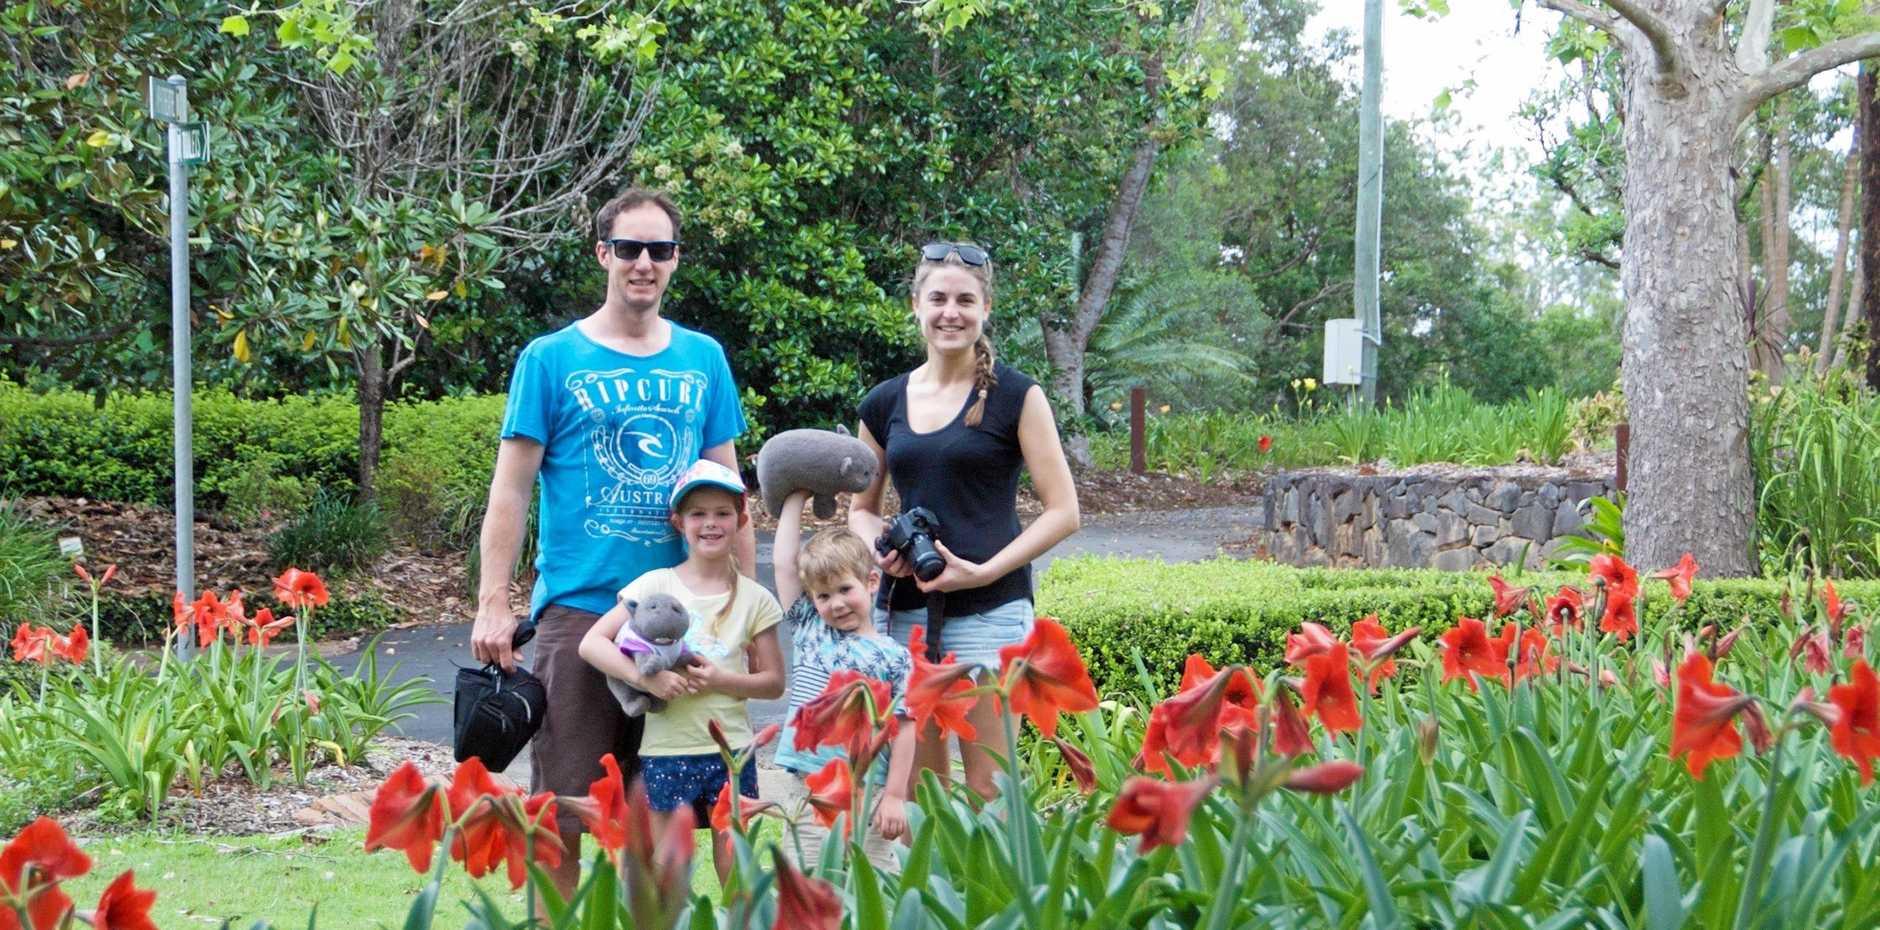 Adelaide family Evan, Tiffany, Aylish and Cole discover the joys of Noosa Botanic Garden.